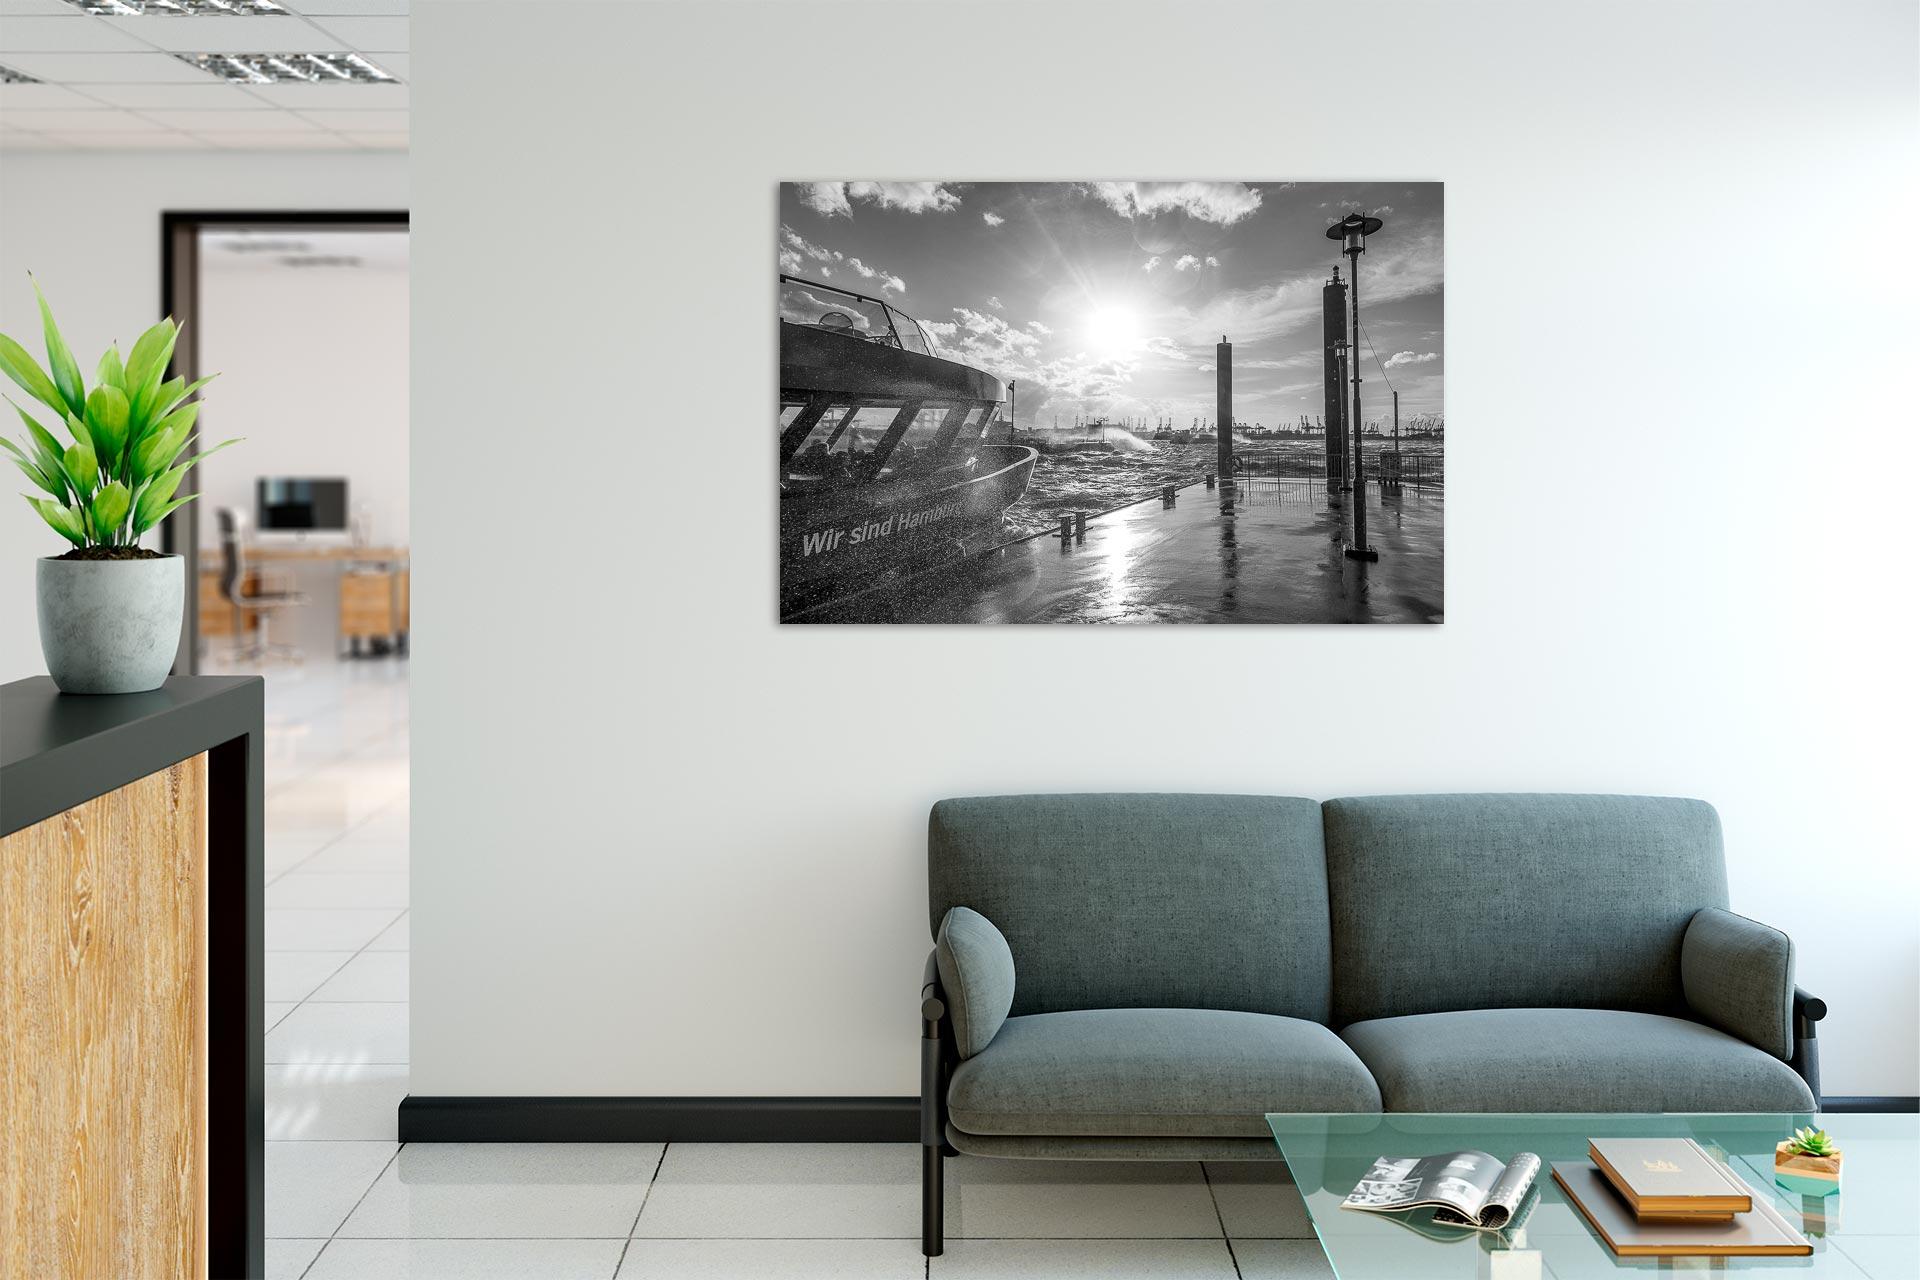 LSW092-wir-sind-hamburg-wandbild-auf-leinwand-acrylglas-aludibond-empfang